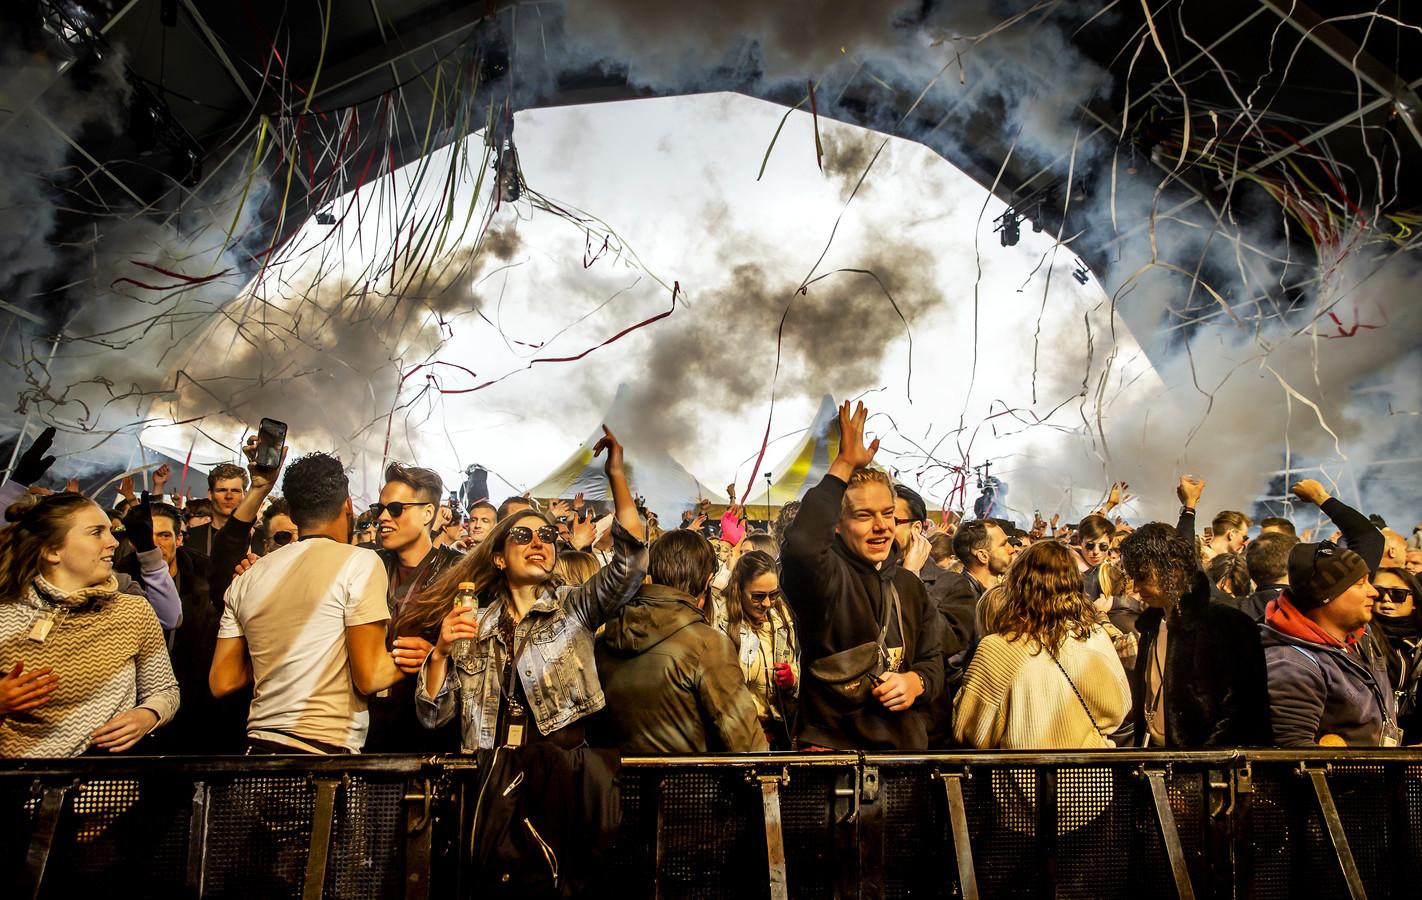 Bezoekers van een dancefestival op het evenemententerrein van Walibi Holland tijdens een Fieldlab-experiment, eerder dit jaar.